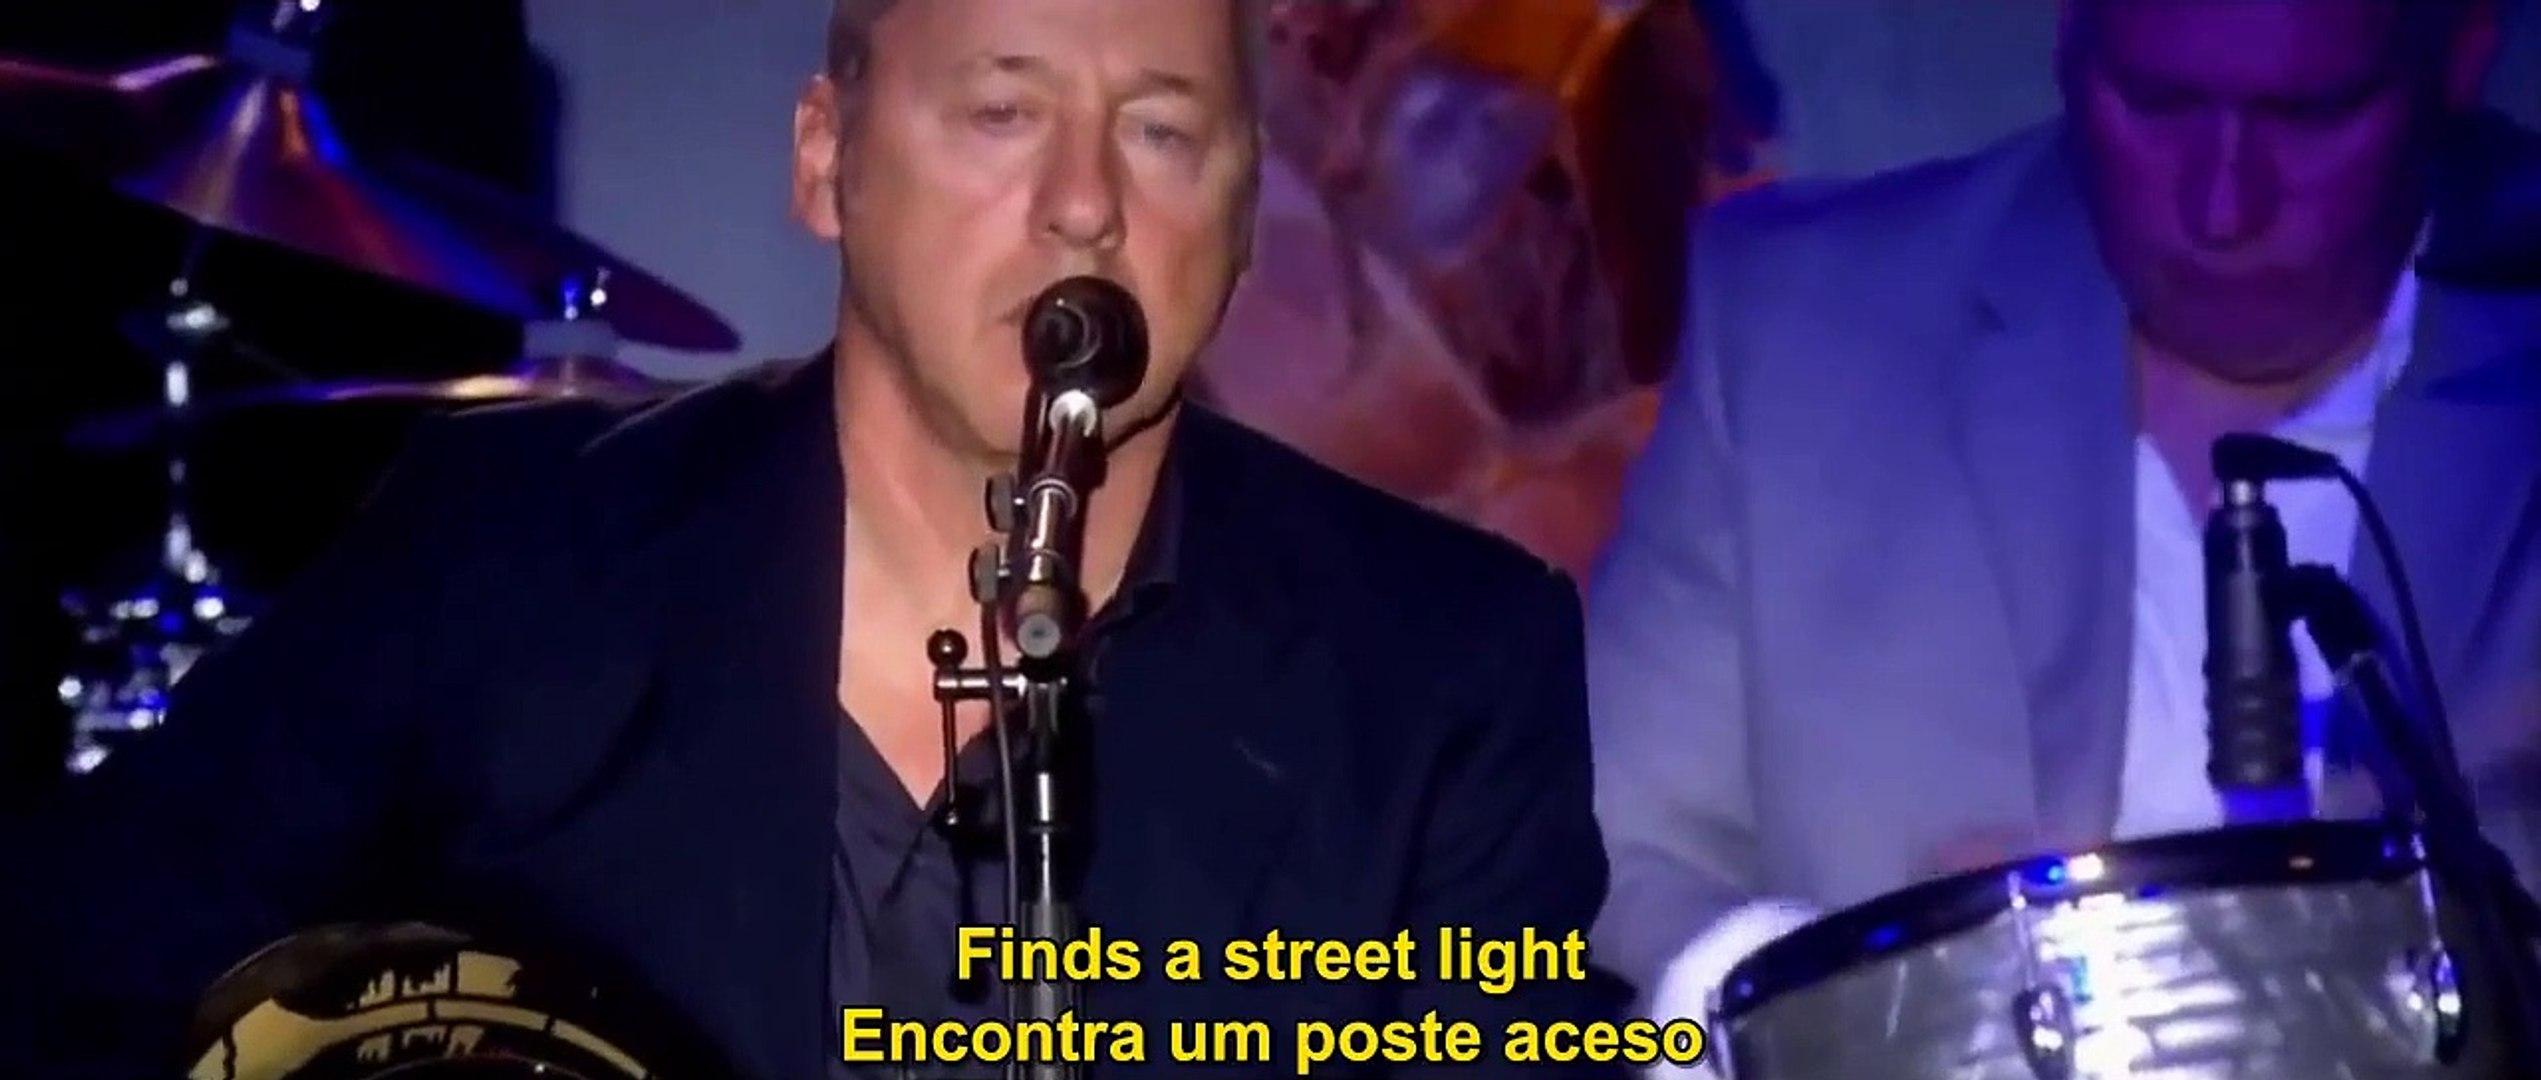 Mark Knopfler Dire Straits Romeo And Juliet Live Legendado Em Pteng